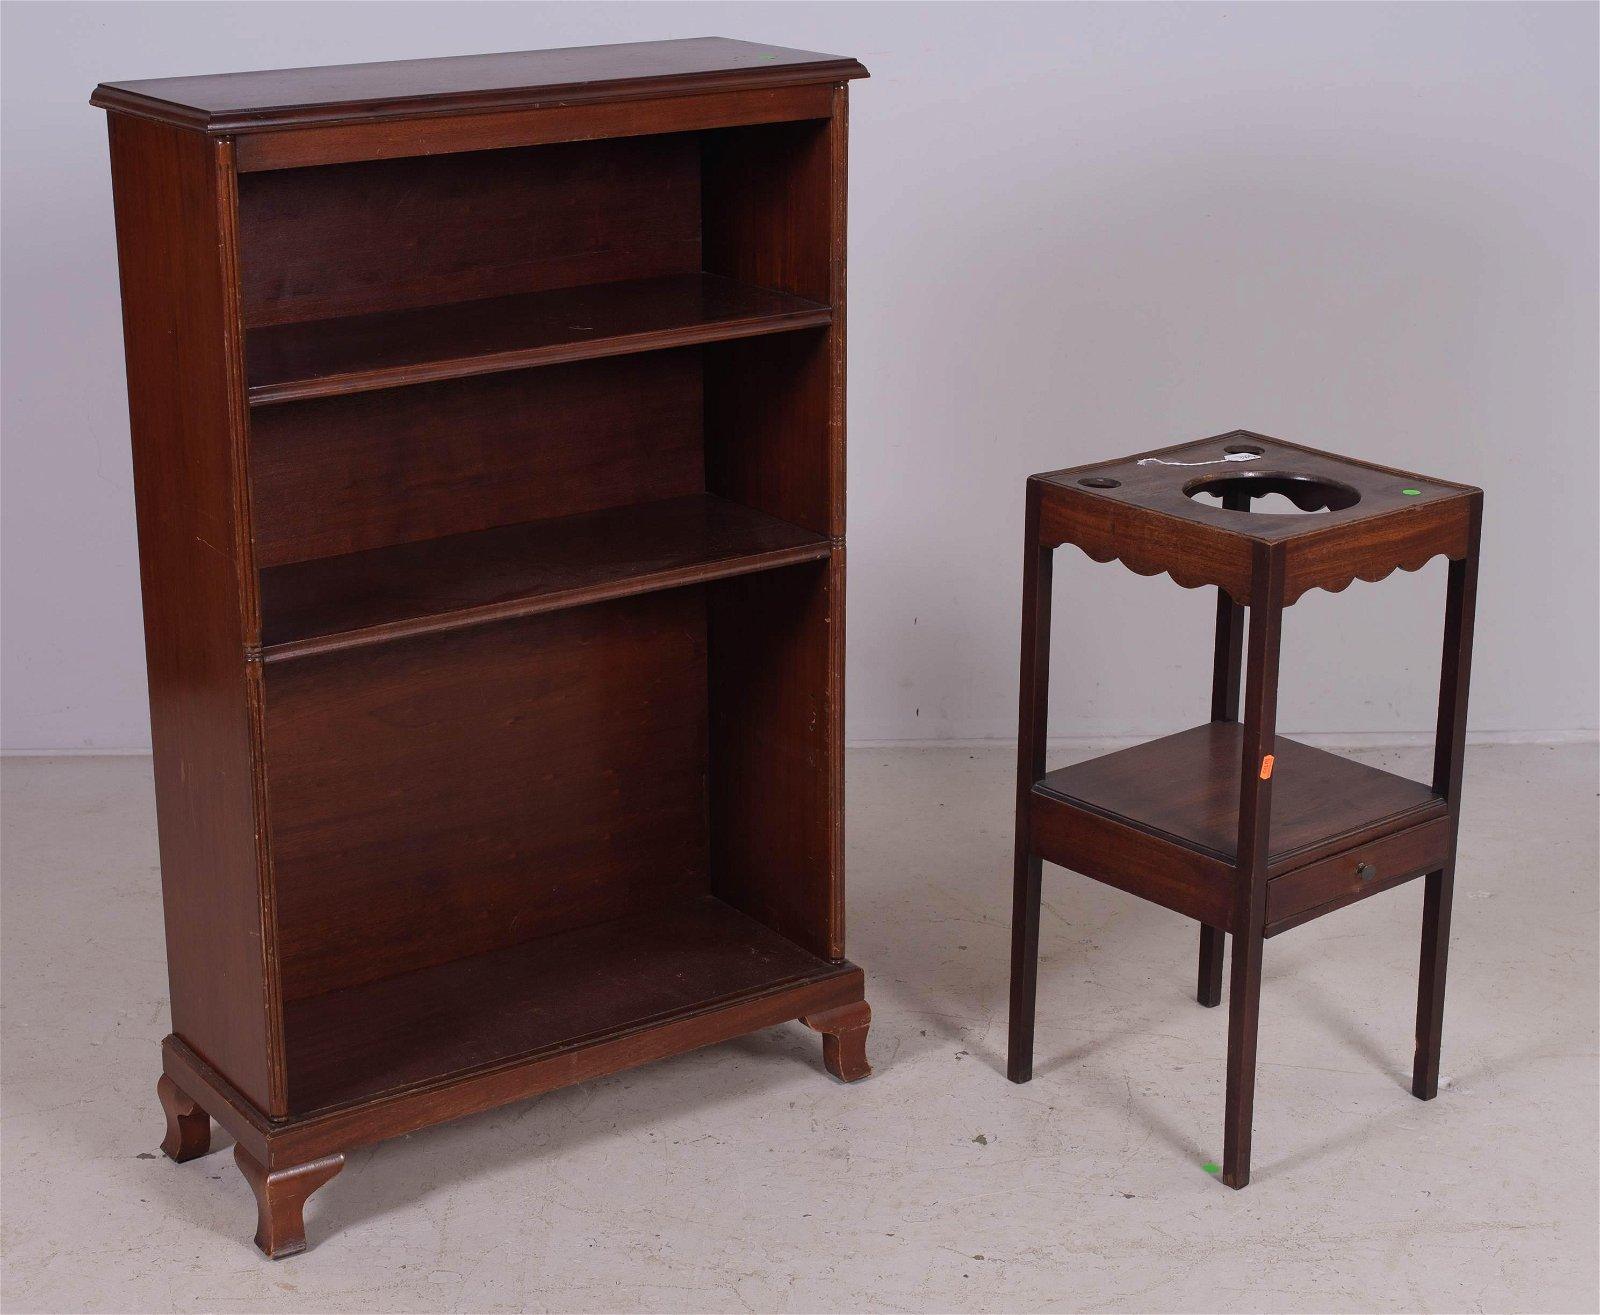 Graff Furniture mahogany bookcase